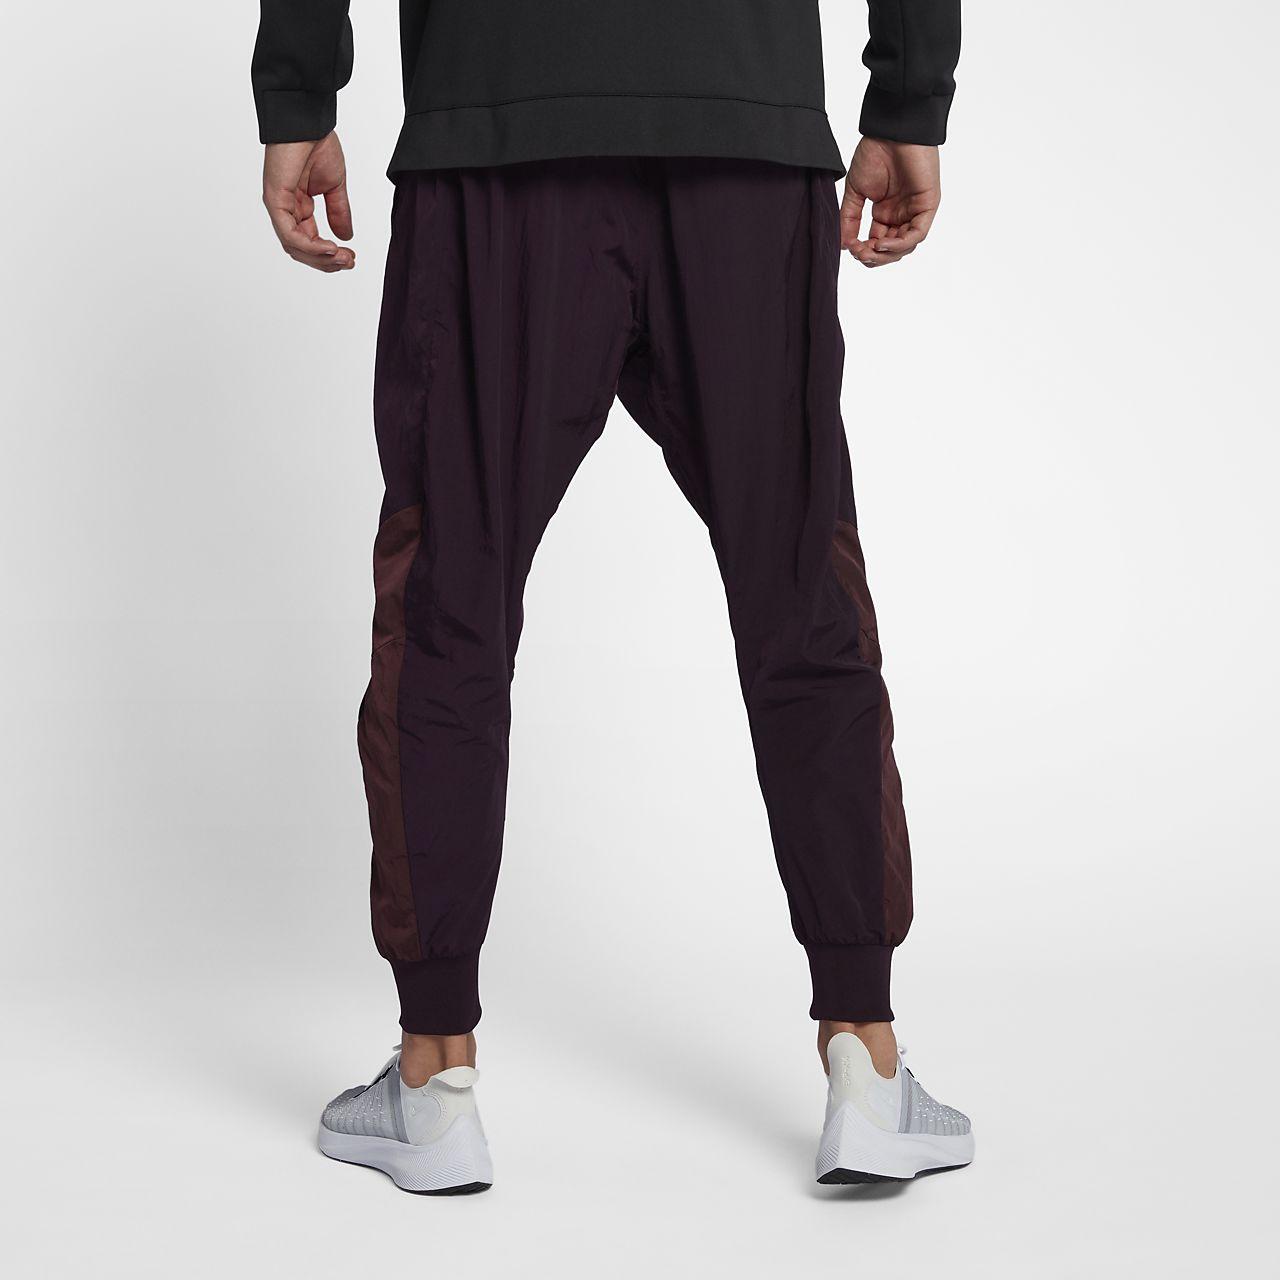 4802d4452 Nike Sportswear NSW Men s Woven Joggers. Nike.com CA